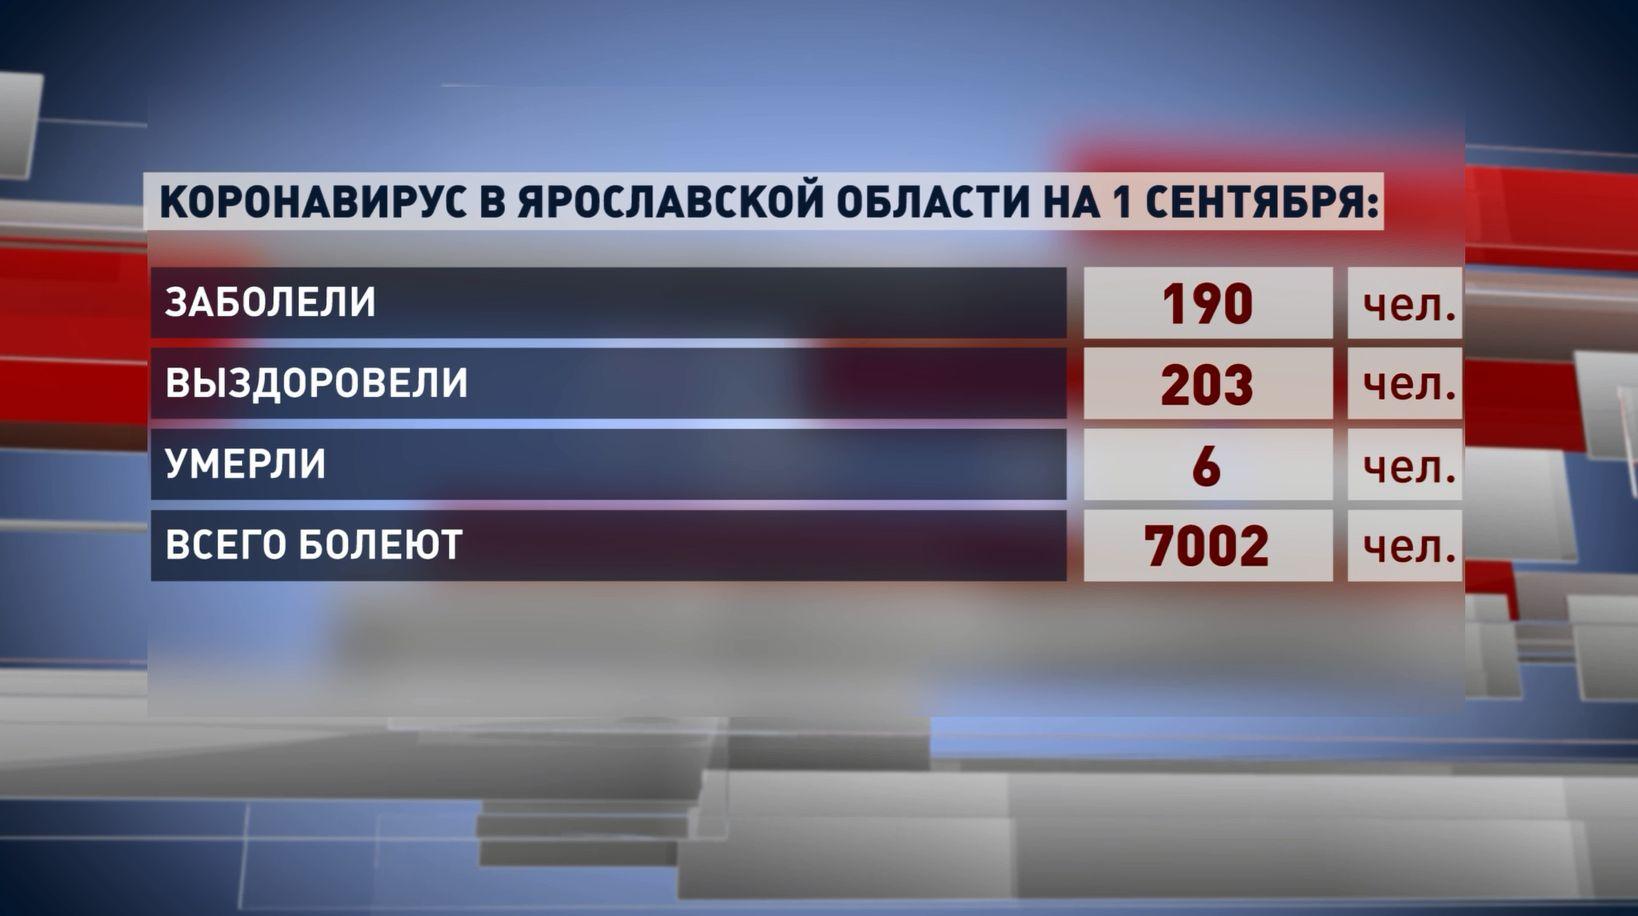 Сейчас в Ярославской области с коронавирусом борются 7 тысяч пациентов